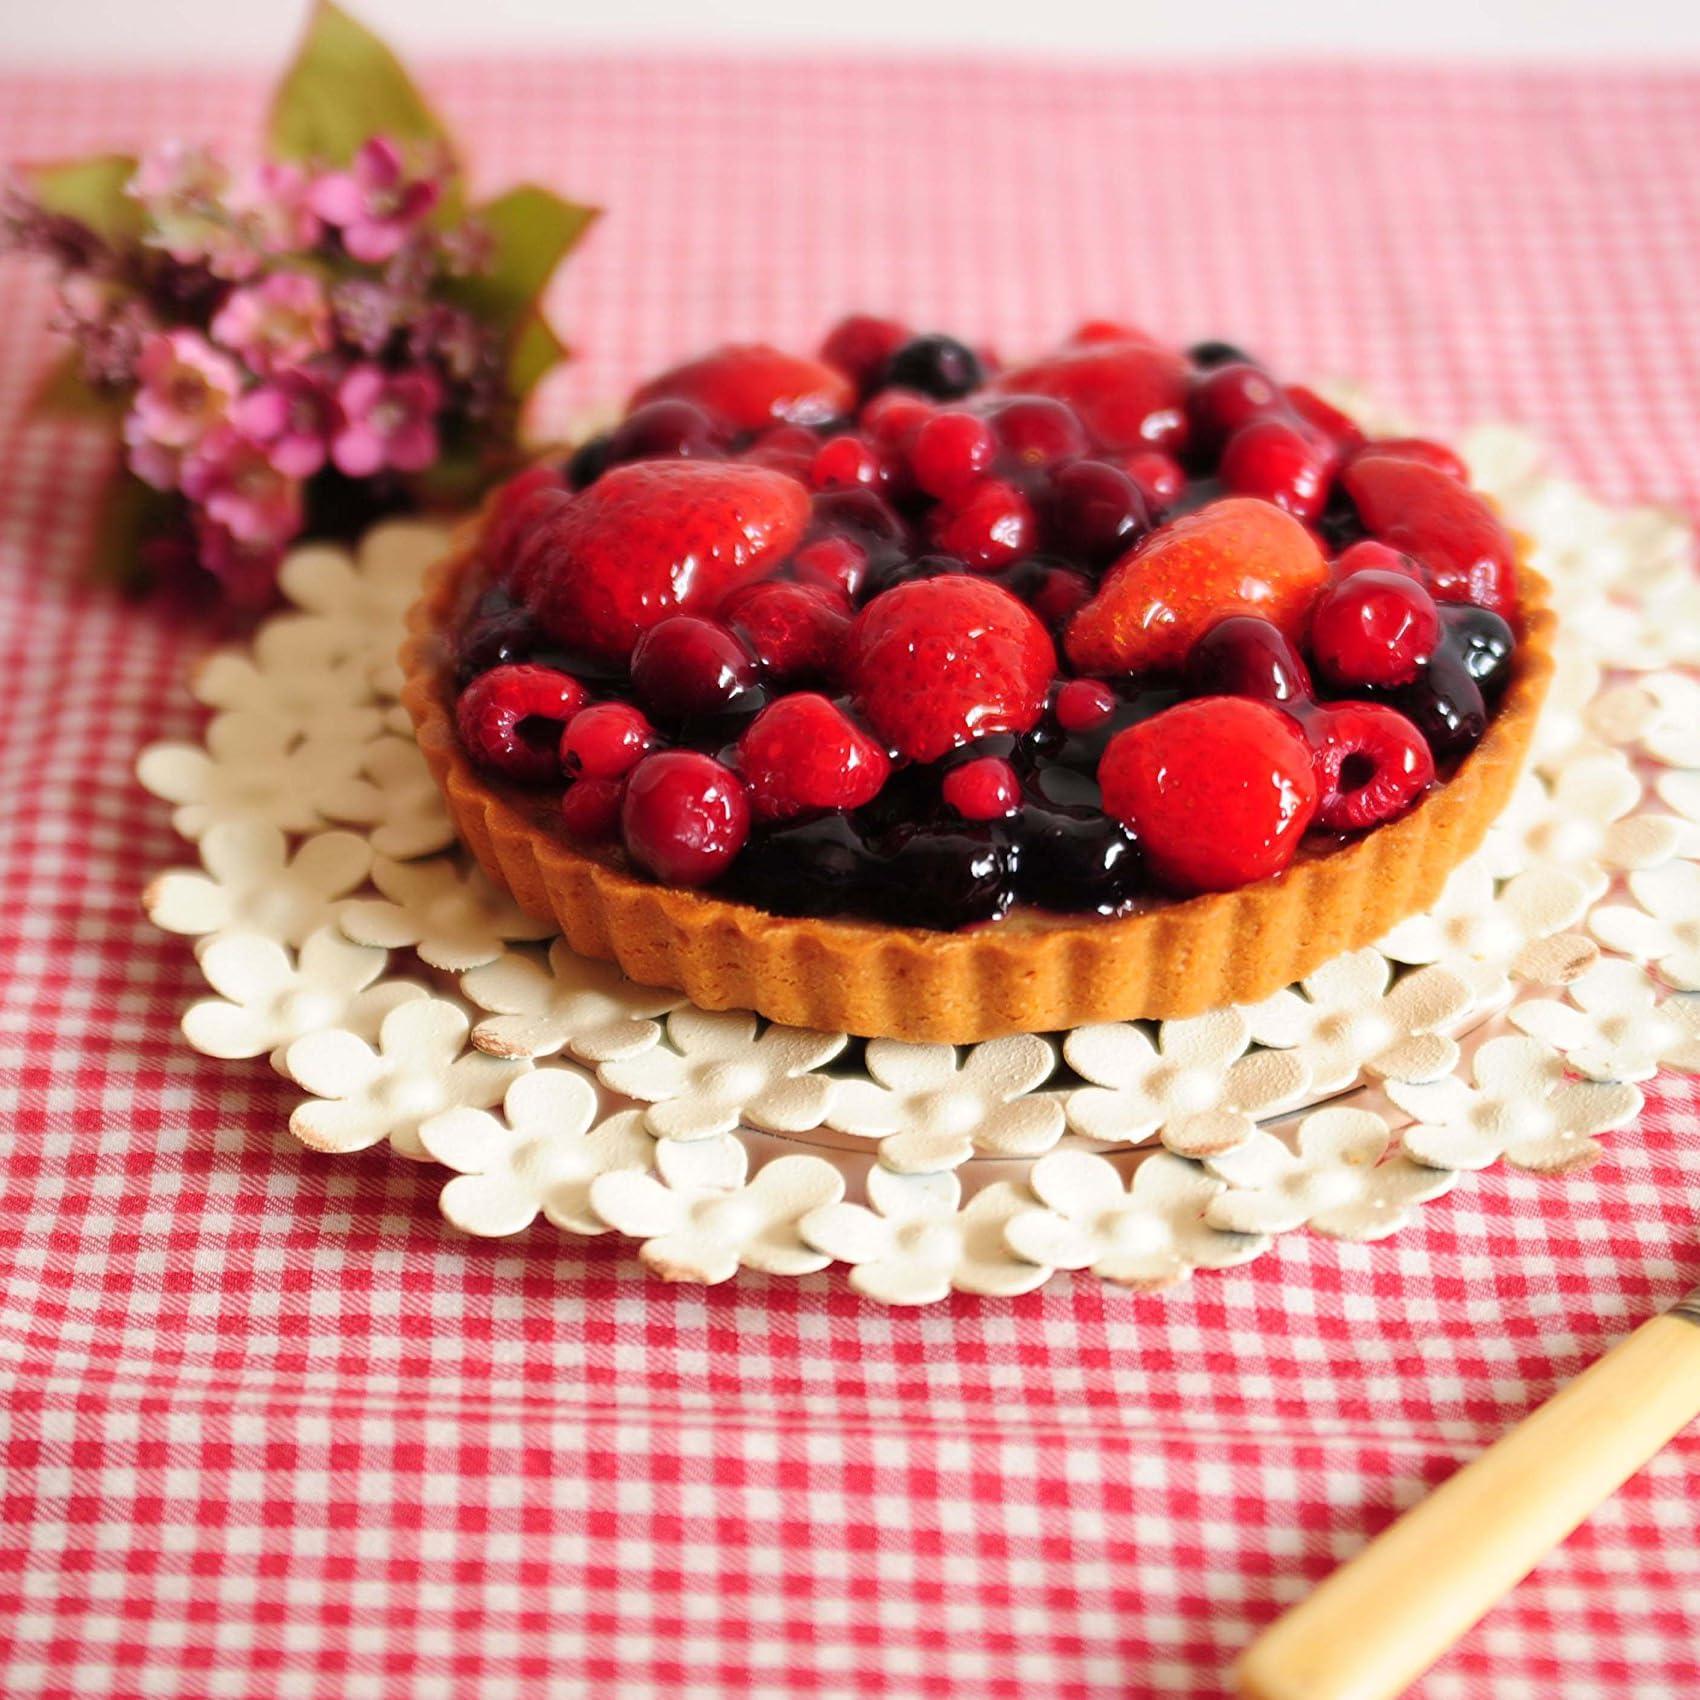 ケーキ Ipad壁紙 フルーツ タルトケーキ その他 スマホ用画像